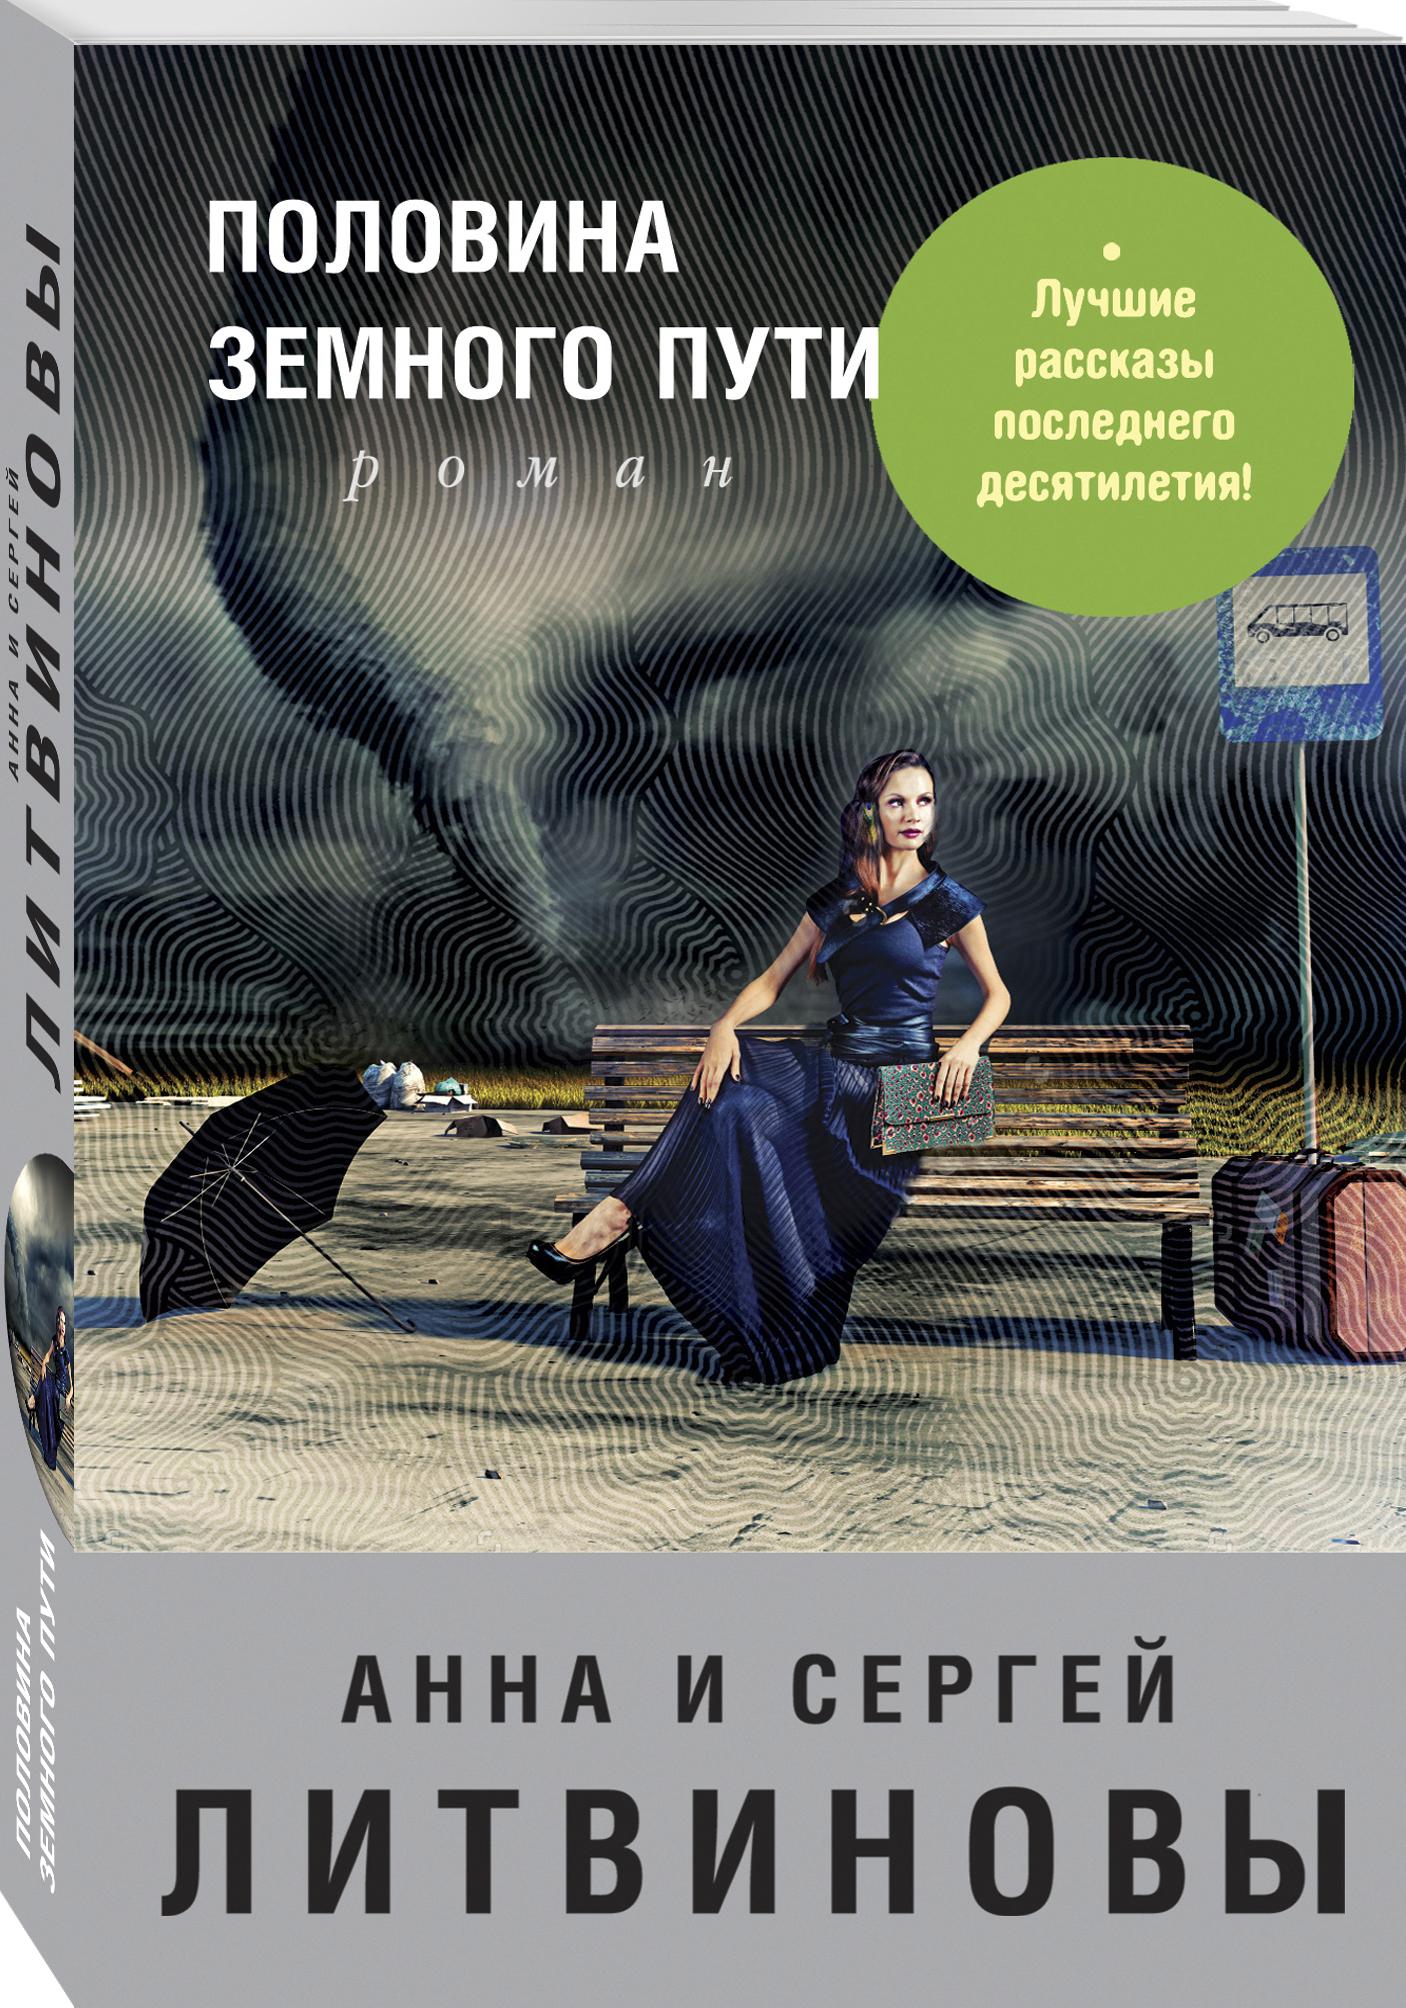 Анна и Сергей Литвиновы Половина земного пути анна и сергей литвиновы половина земного пути сборник